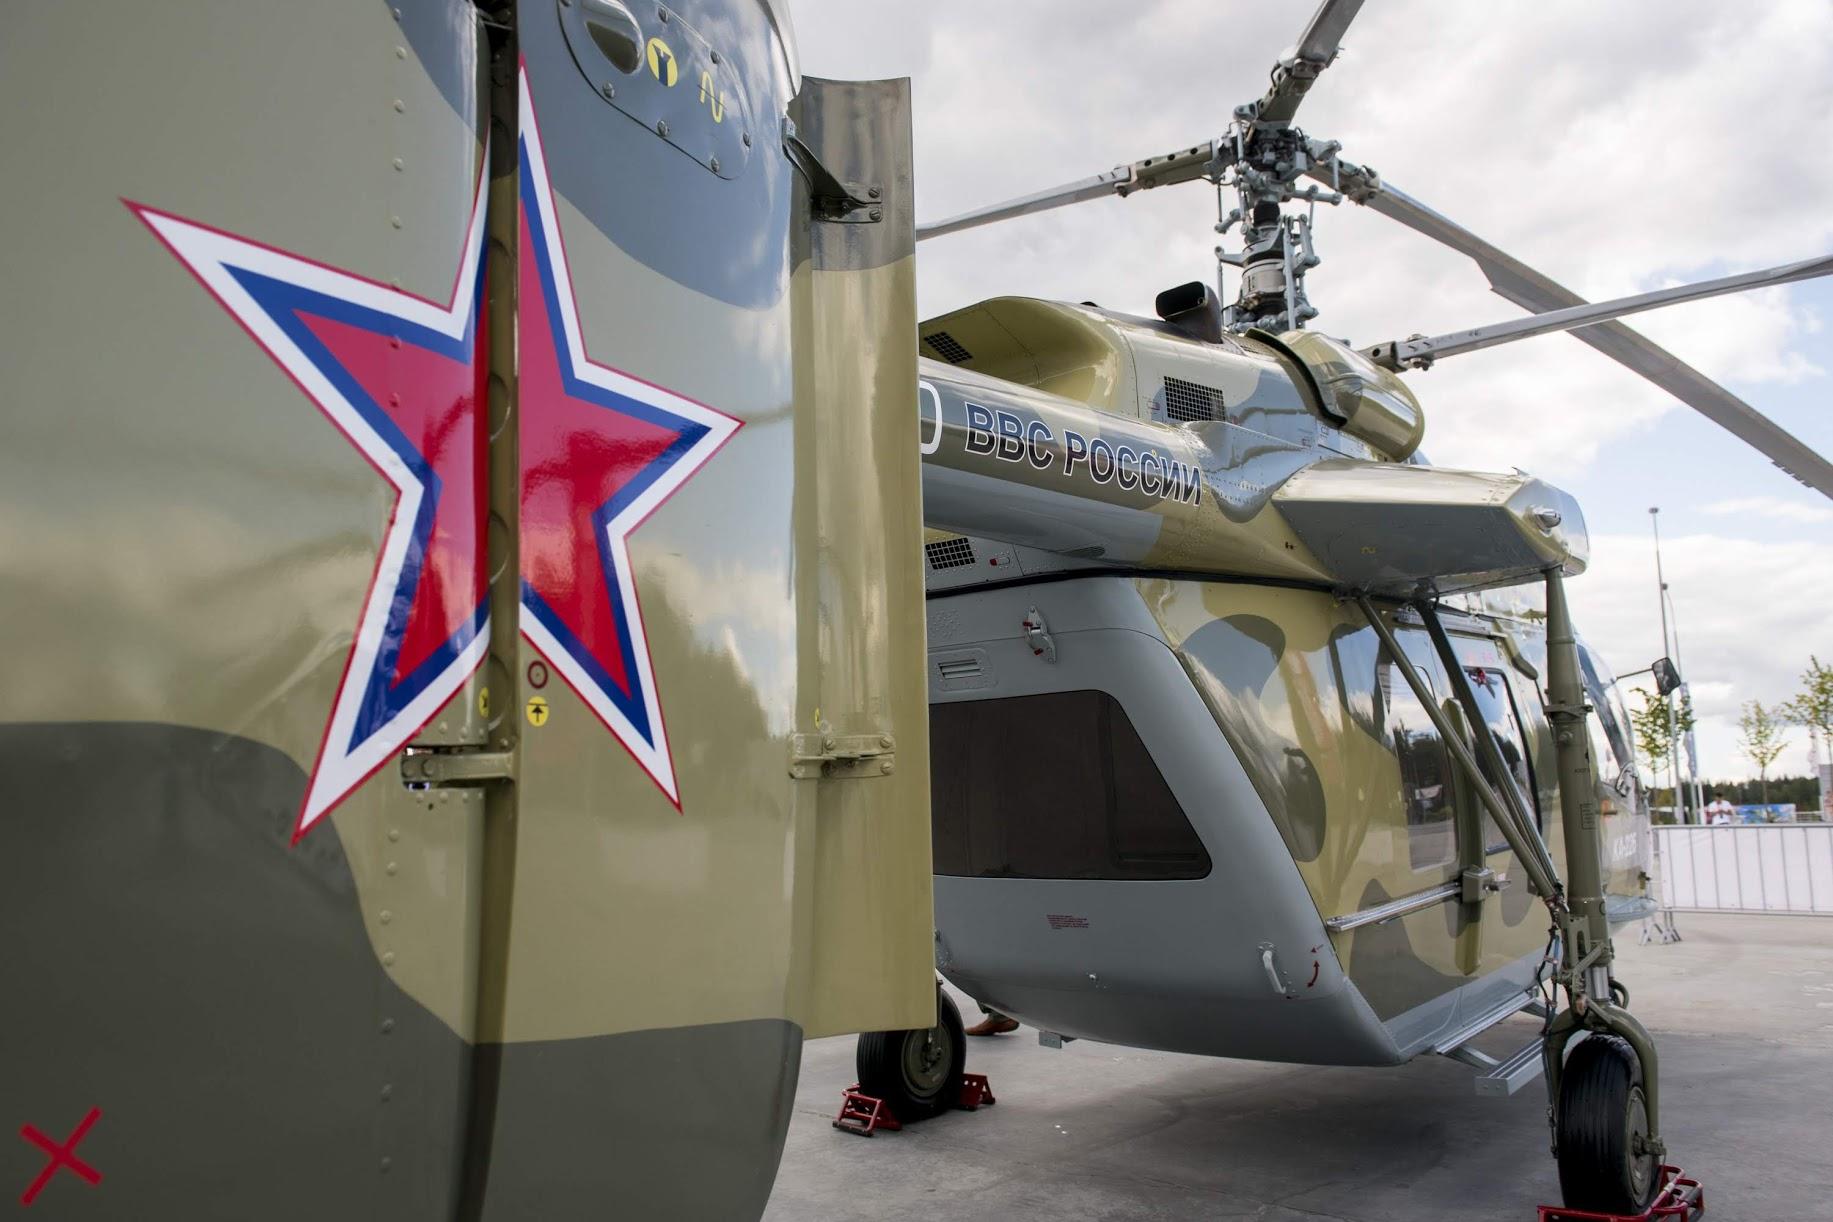 rusia-mexico-helicopteros-militares-compra-cancela-austeridad-subasta-avion-02